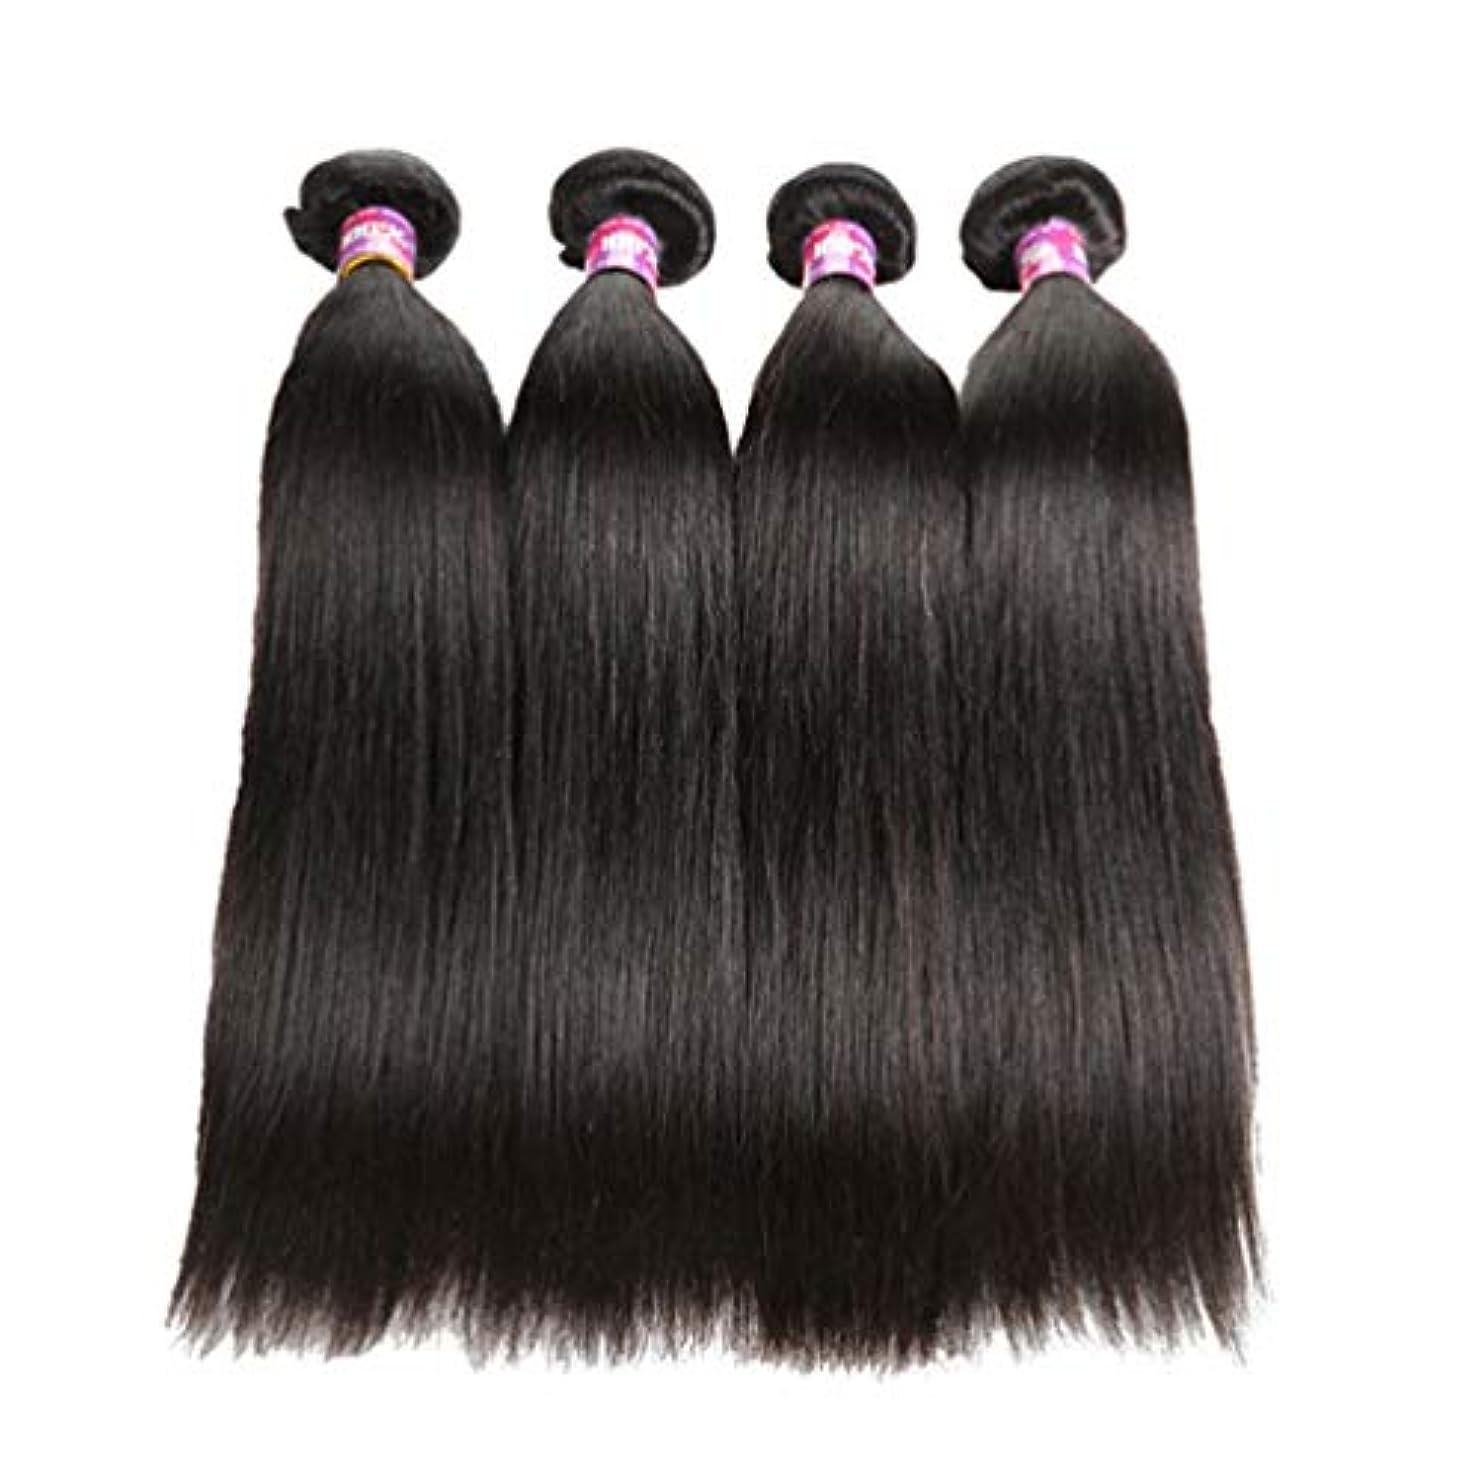 代表して敵対的給料ブラジル人100%の人間の毛髪のまっすぐな実質のRemyの自然な毛は延長横糸の完全な頭部を織ります(3束)